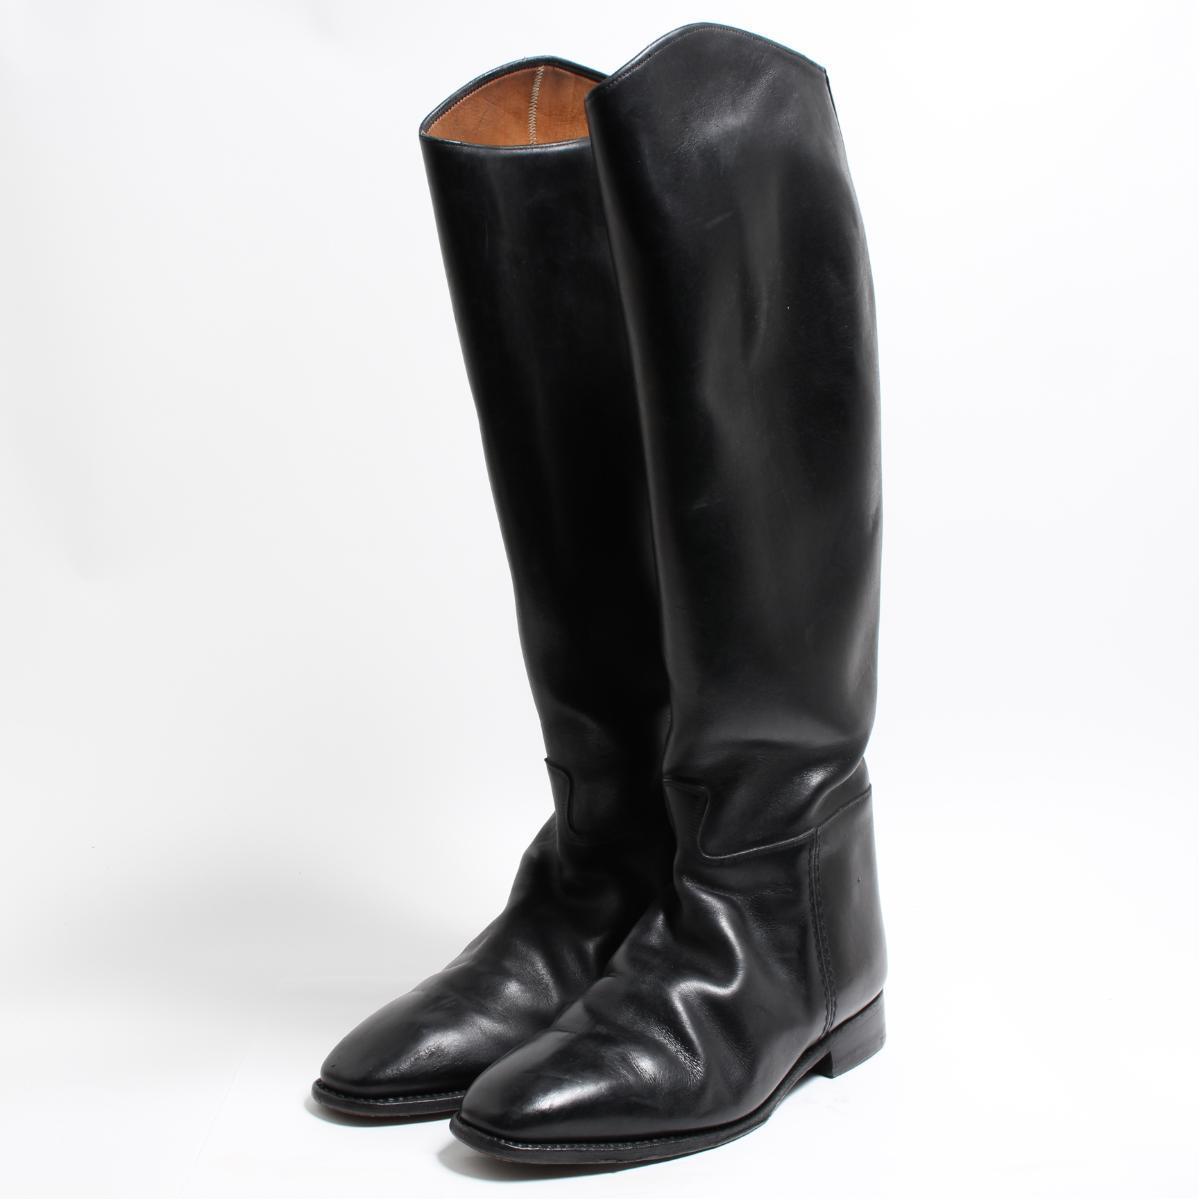 FUSSELL COMBINETTES ジョッキー乗馬ブーツ 英国製 UK9 メンズ27.5cm ヴィンテージ /bon6111 【中古】 【180915】